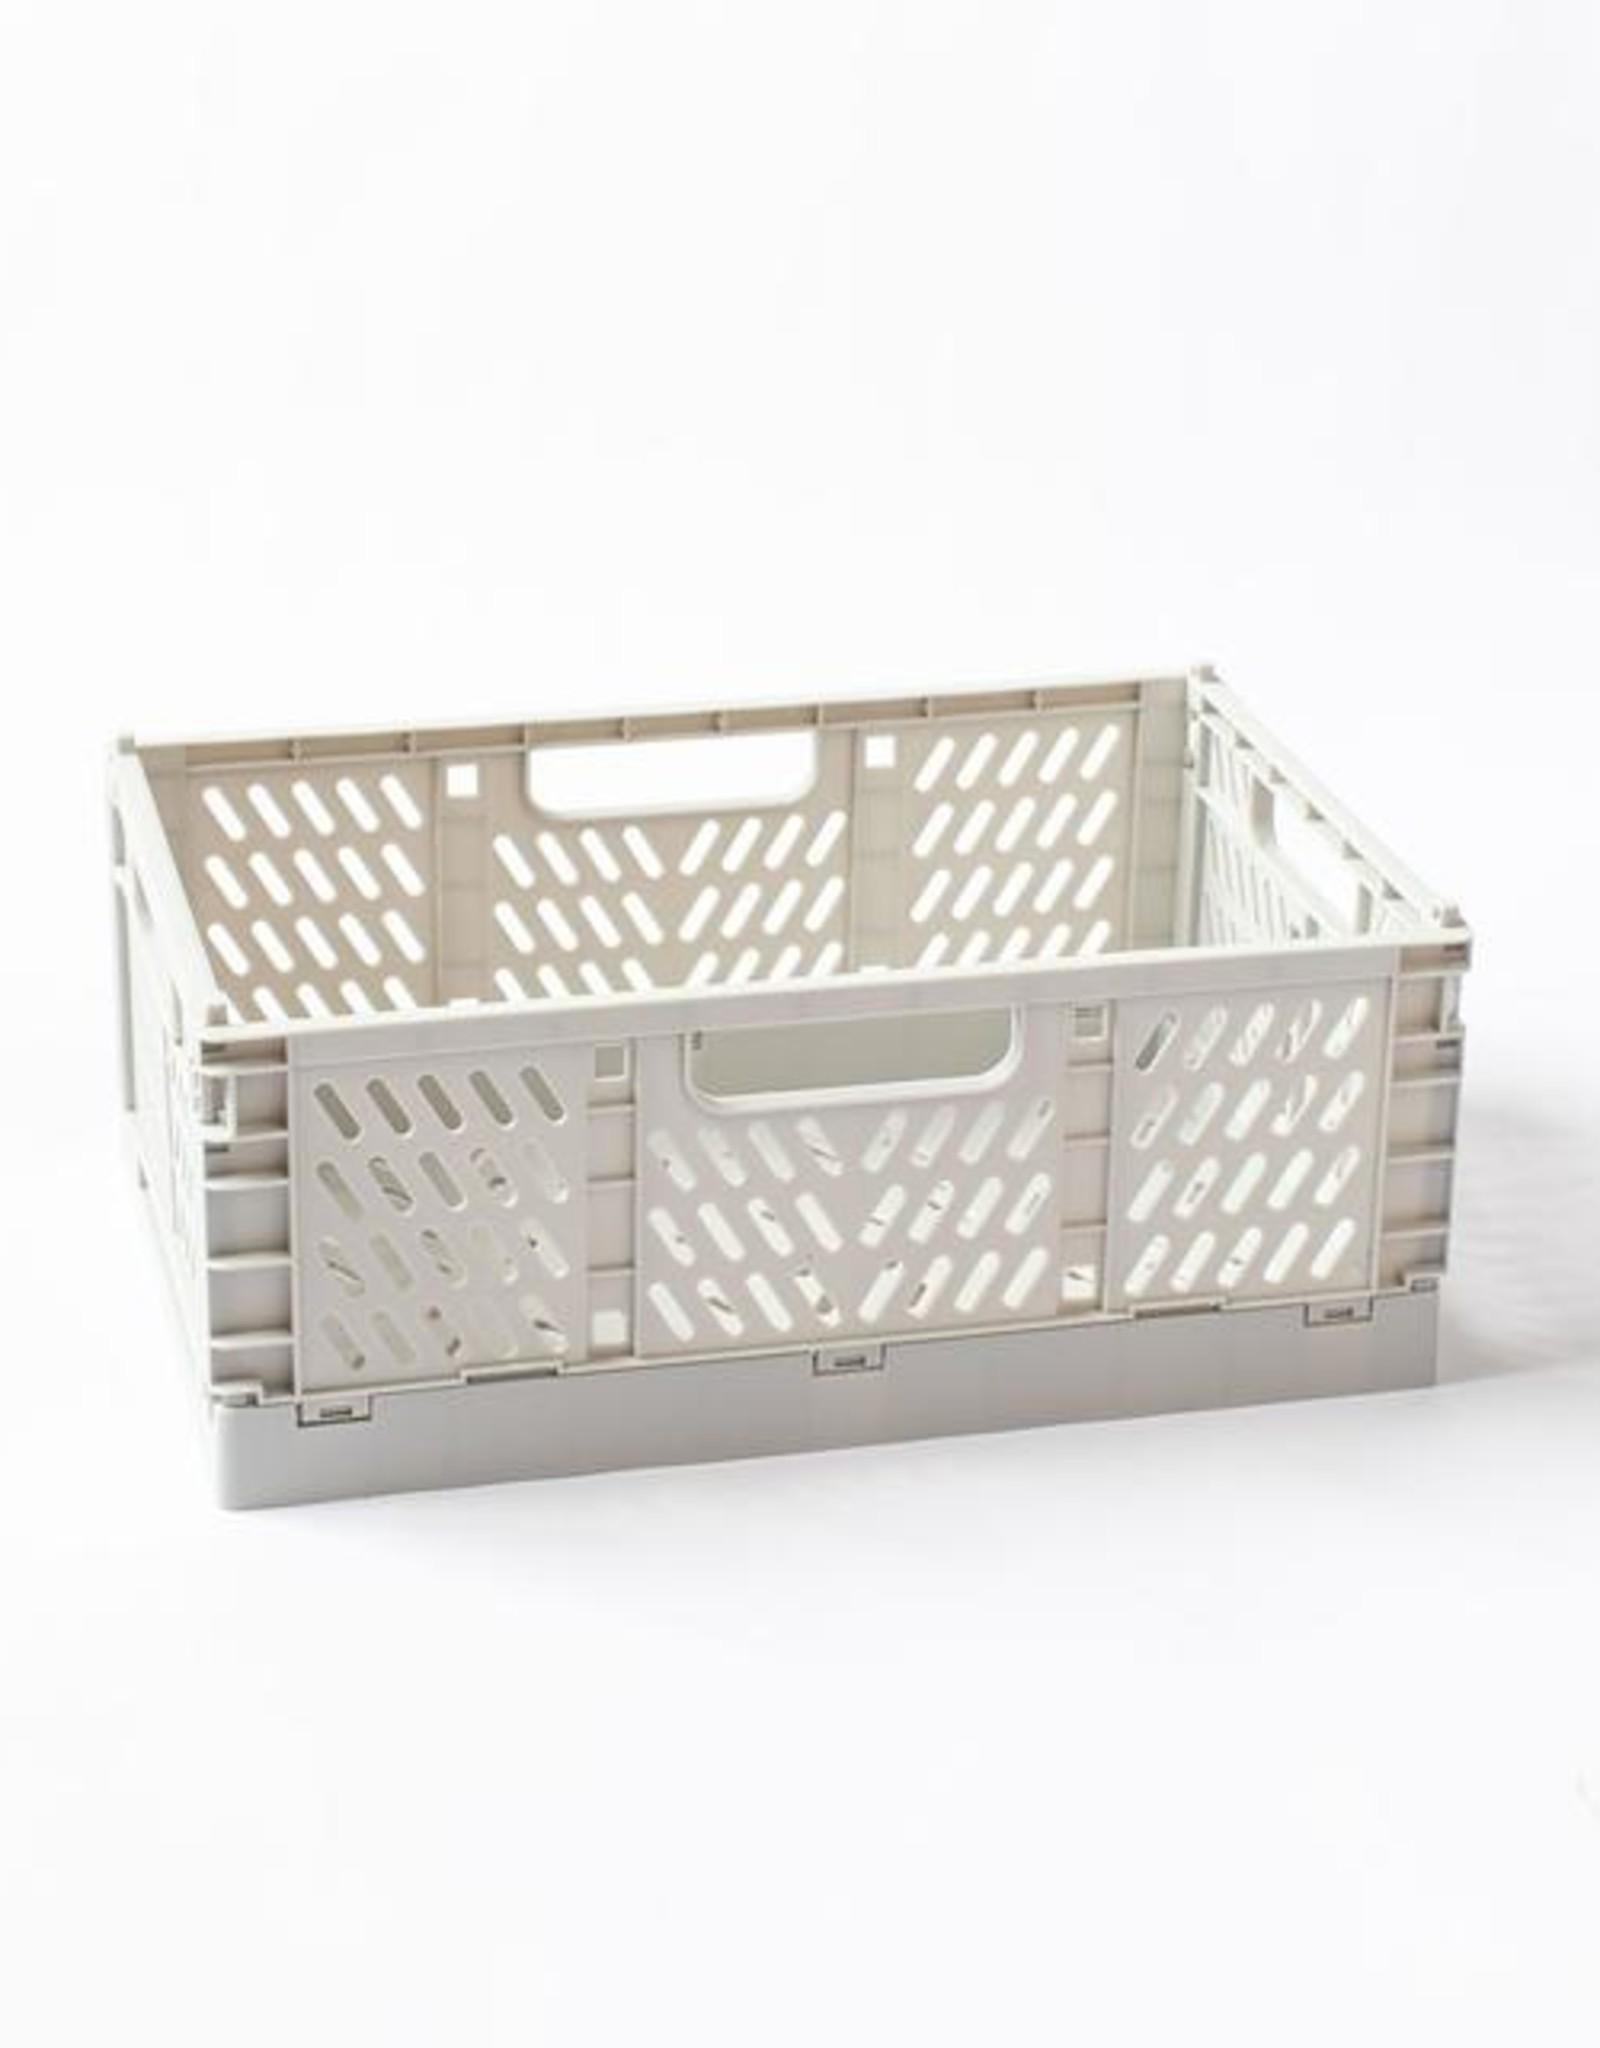 Humber General Store Color Storage Crate, Medium